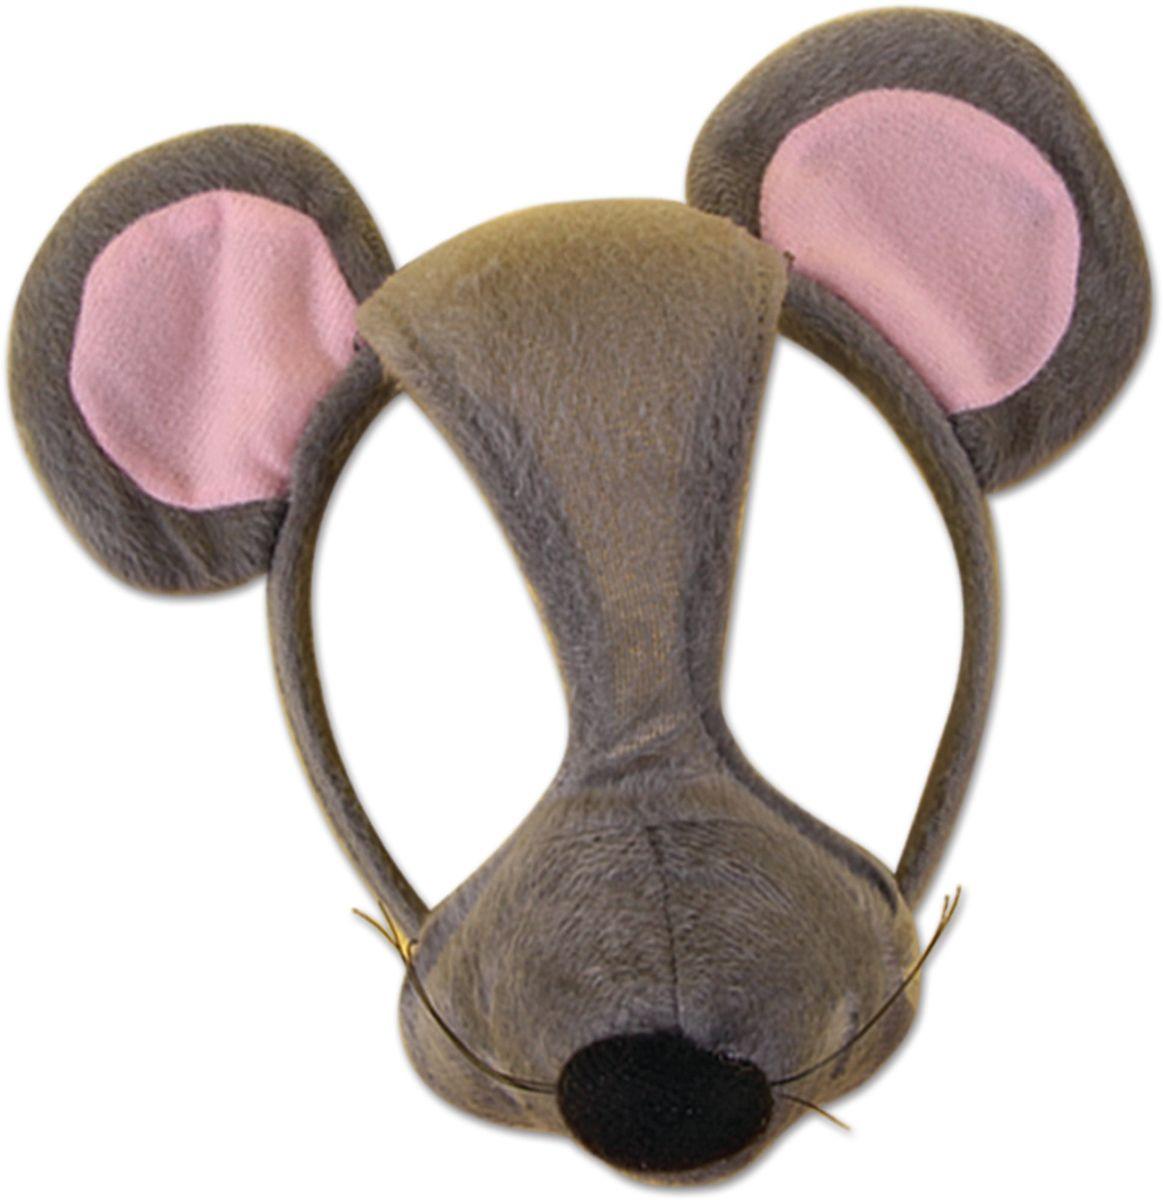 Partymania Маска для карнавала Зоопарк со звуком T1206 цвет мышьT1206_мышьКрасочное дополнение к карнавальному костюму. Благодаря специальному ободку,. Маска легко крепится и не создает продлем даже при длительном ношении. Звук на маске не только развлечет ребенка, но и позволит ему лучше войти в образ животного. Все маски сделаны из материалов высокого качества и идеально подойдут для карнавалов, праздников и любых торжеств. Виды масок: мышь, корова, тигр, заяц, жираф. Пять видов масок поставляются под одним артикулом. Размер упаковки - 210х320х45 мм.